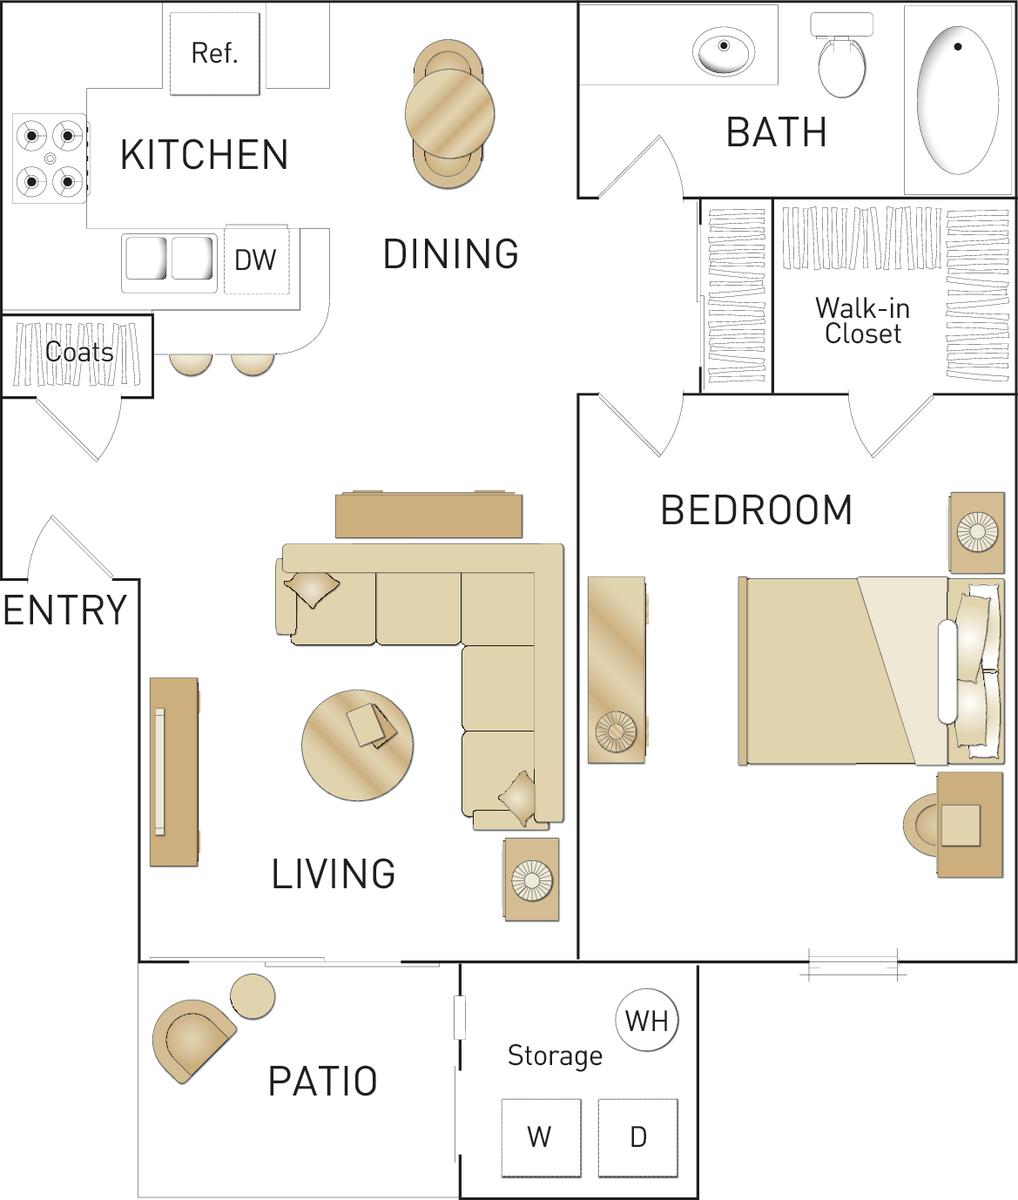 Aliso Viejo Town Center: Aliso Town Center Apartments In Aliso Viejo, CA